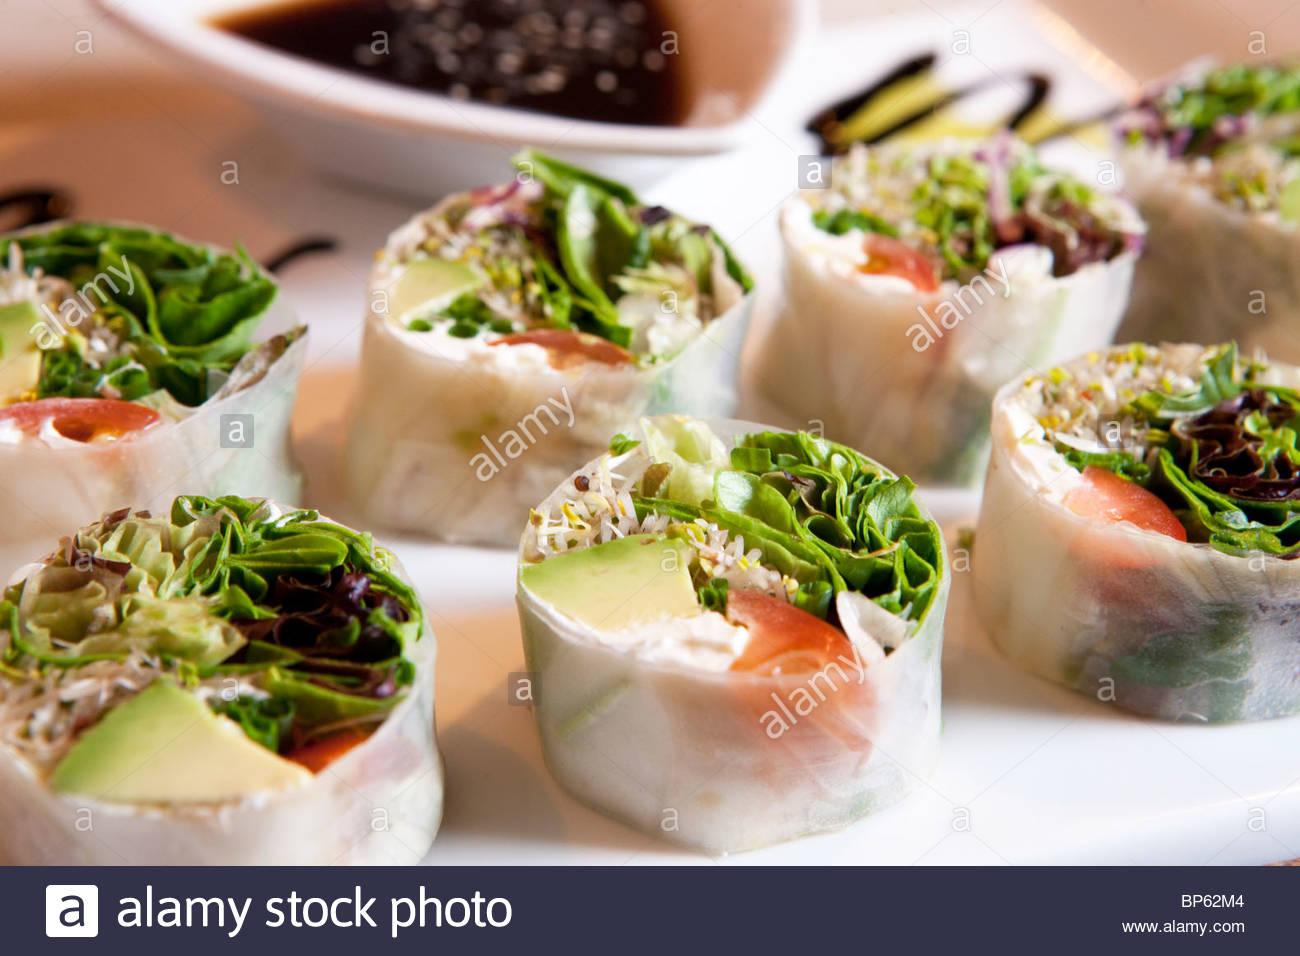 Vegetable Sushi - Stock Image